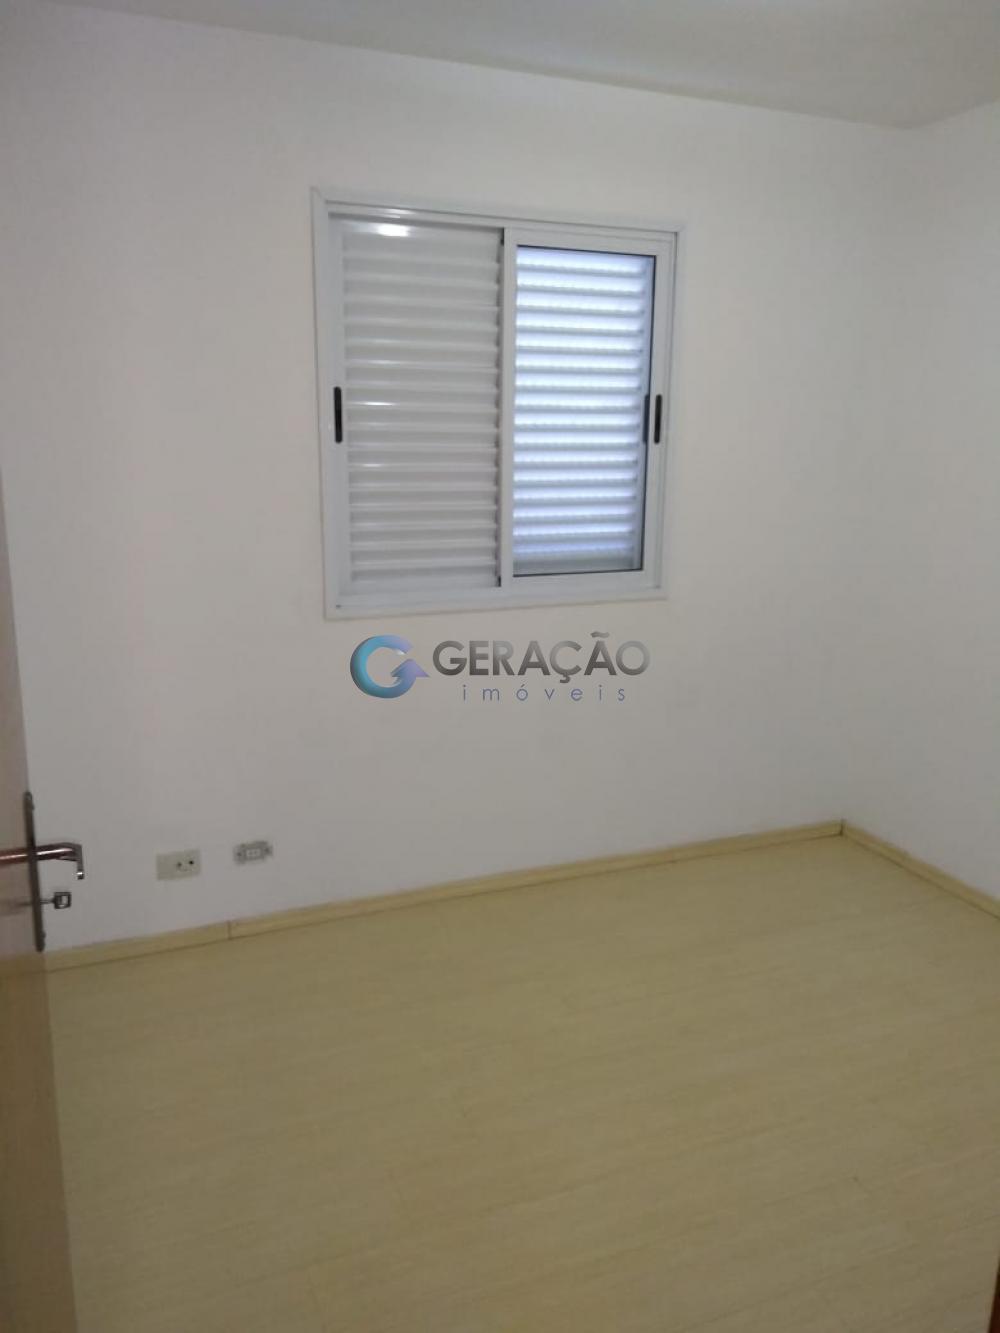 Comprar Apartamento / Padrão em São José dos Campos R$ 265.000,00 - Foto 8